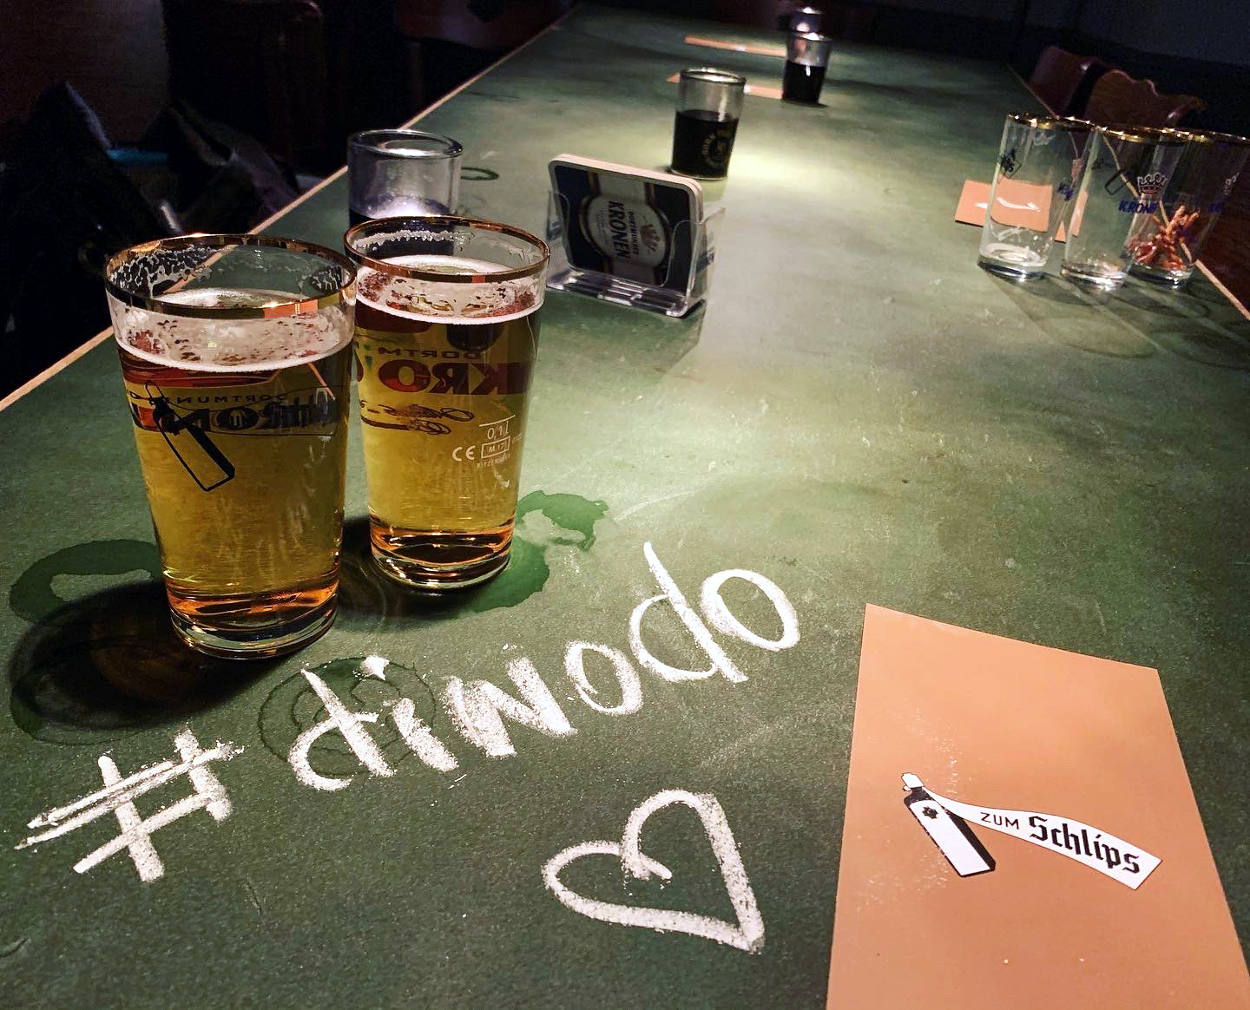 """Zwei Stößchen Bier auf einem grünen Tisch, Beschriftung """"'diwodo""""."""